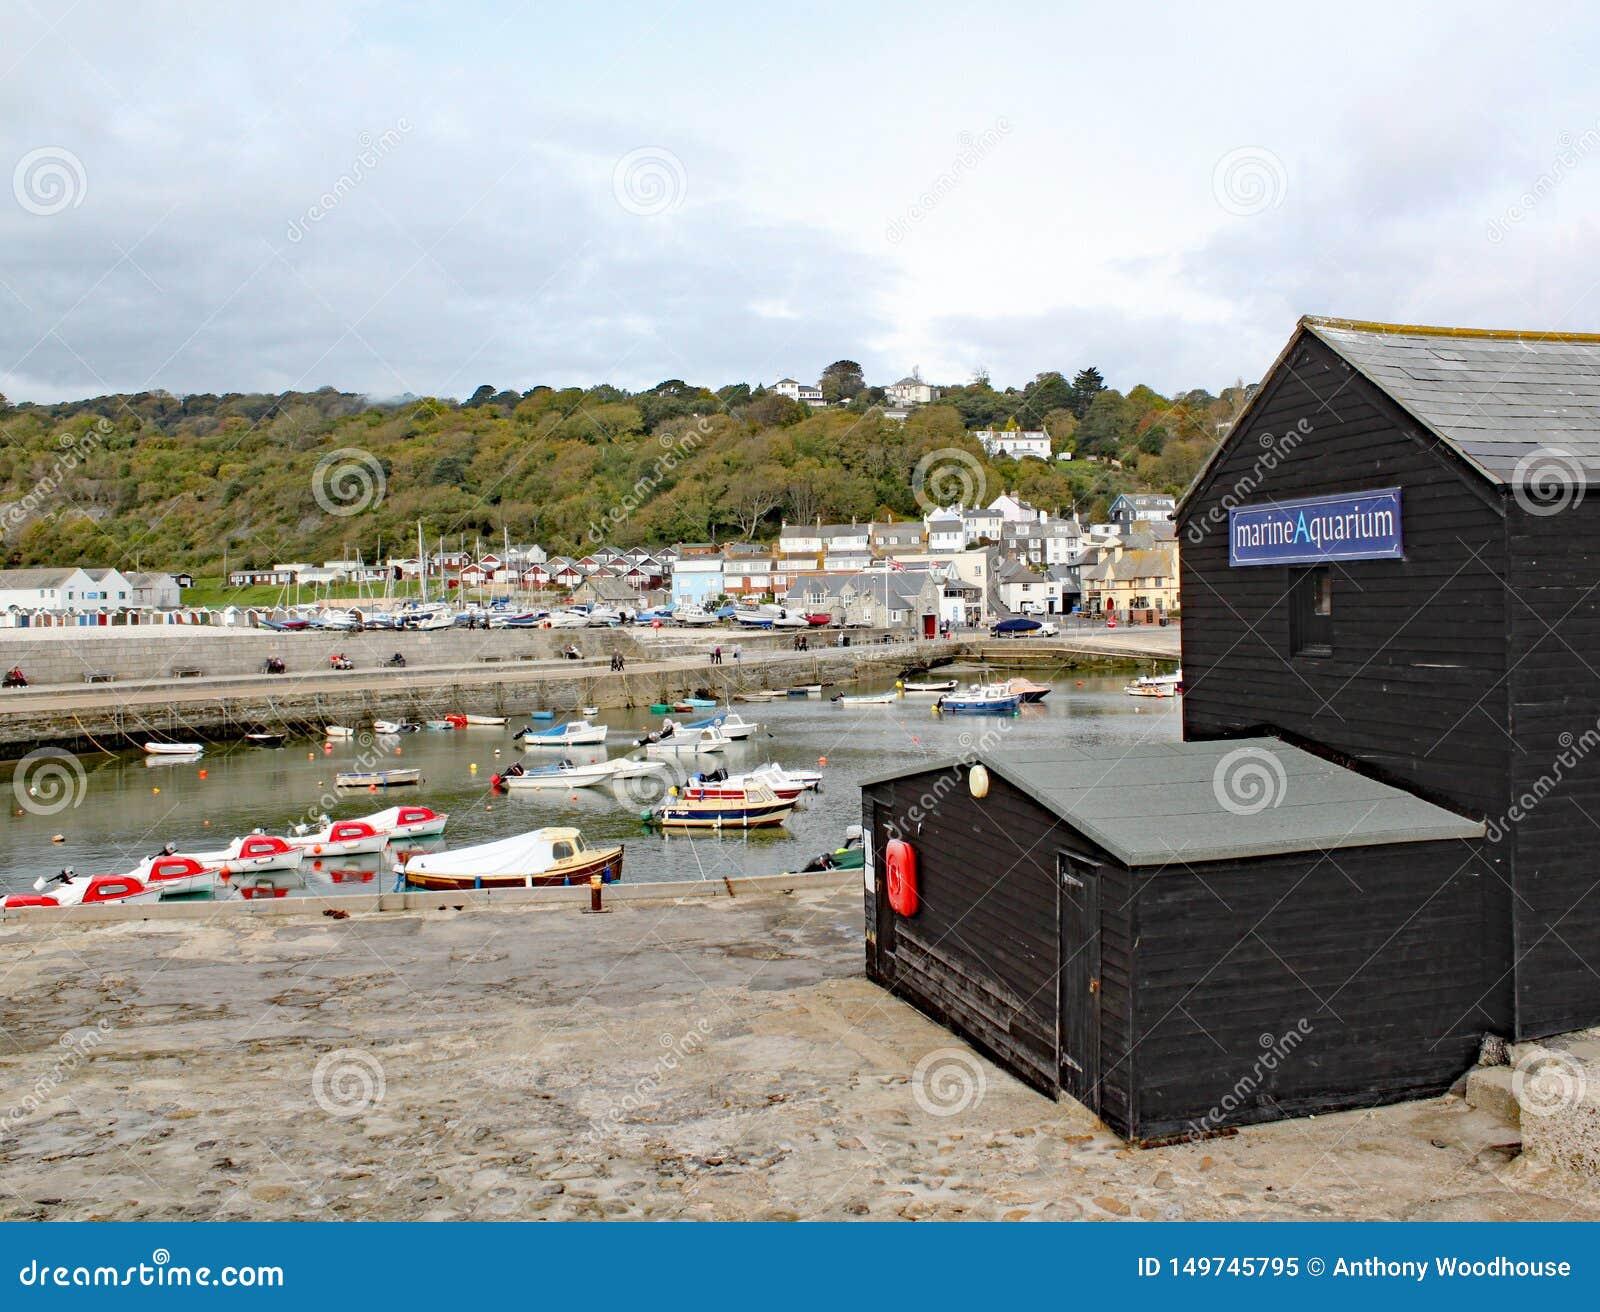 Sikt av hamnen på Lyme Regis som beskådas från slutet av Cobben Marine Aquarium är i förgrunden